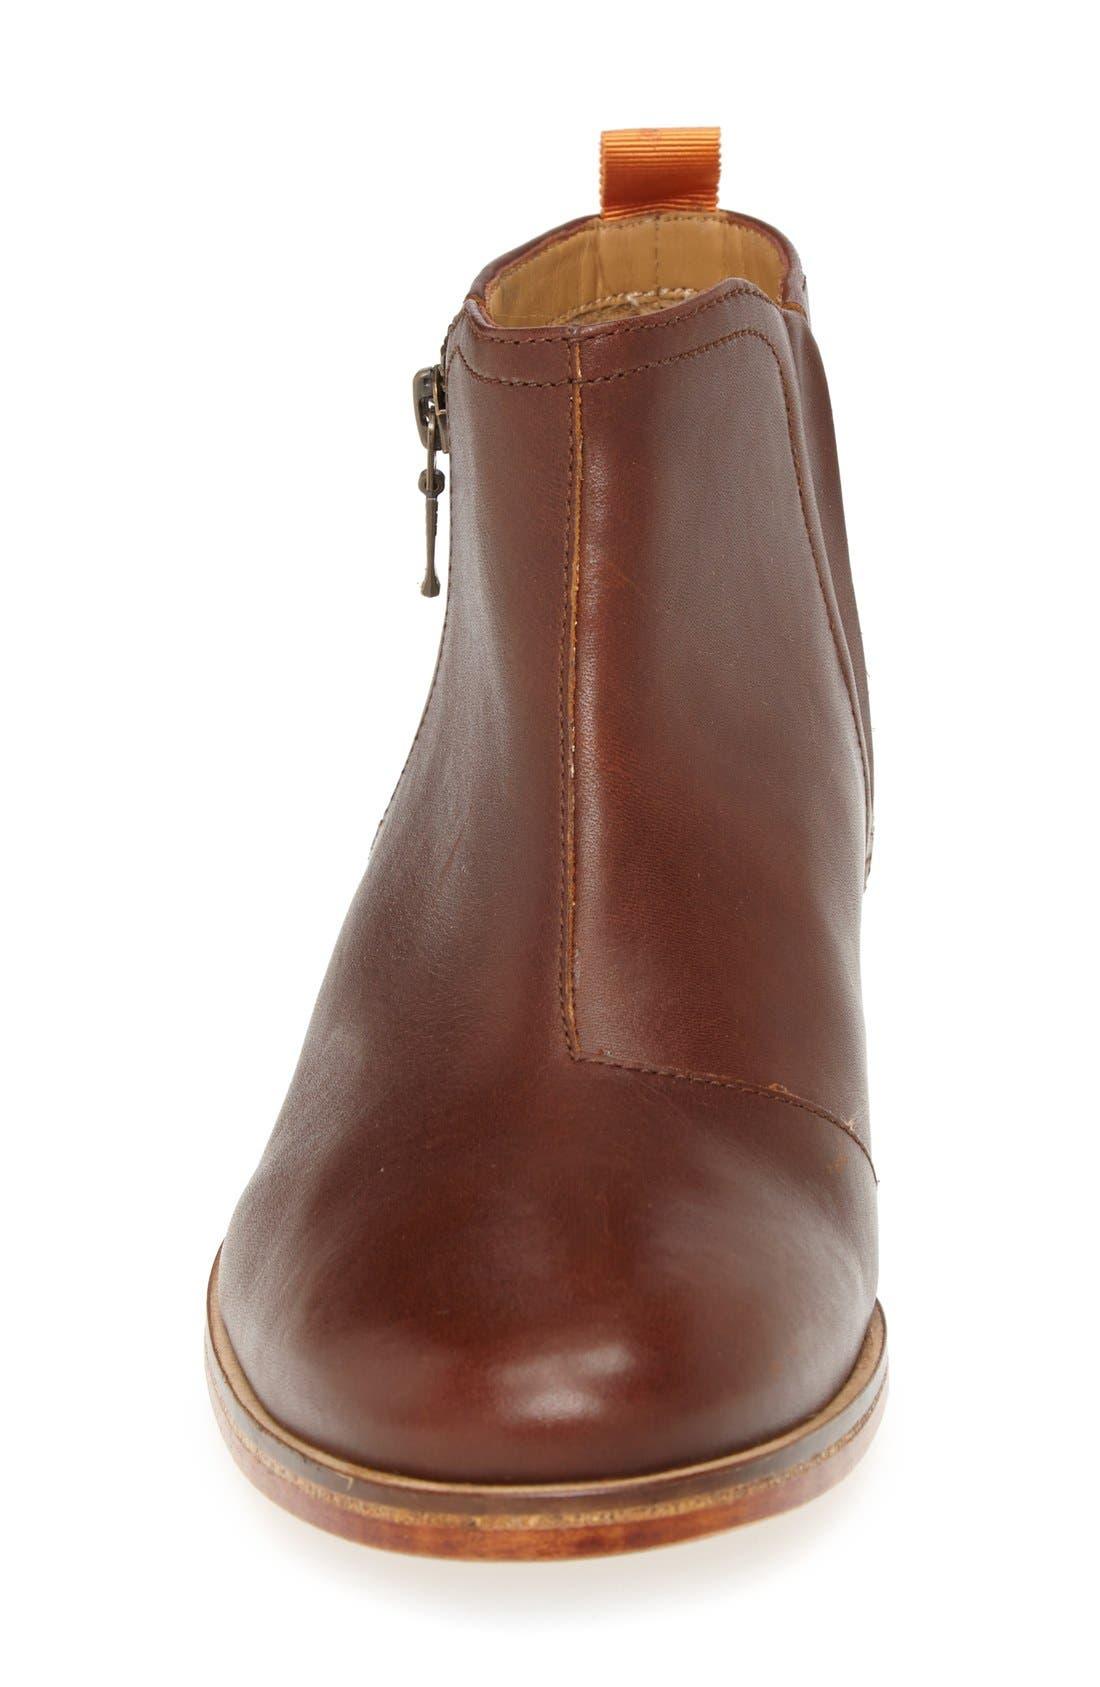 Alternate Image 3  - J SHOES 'Kellen' Leather Bootie (Women)